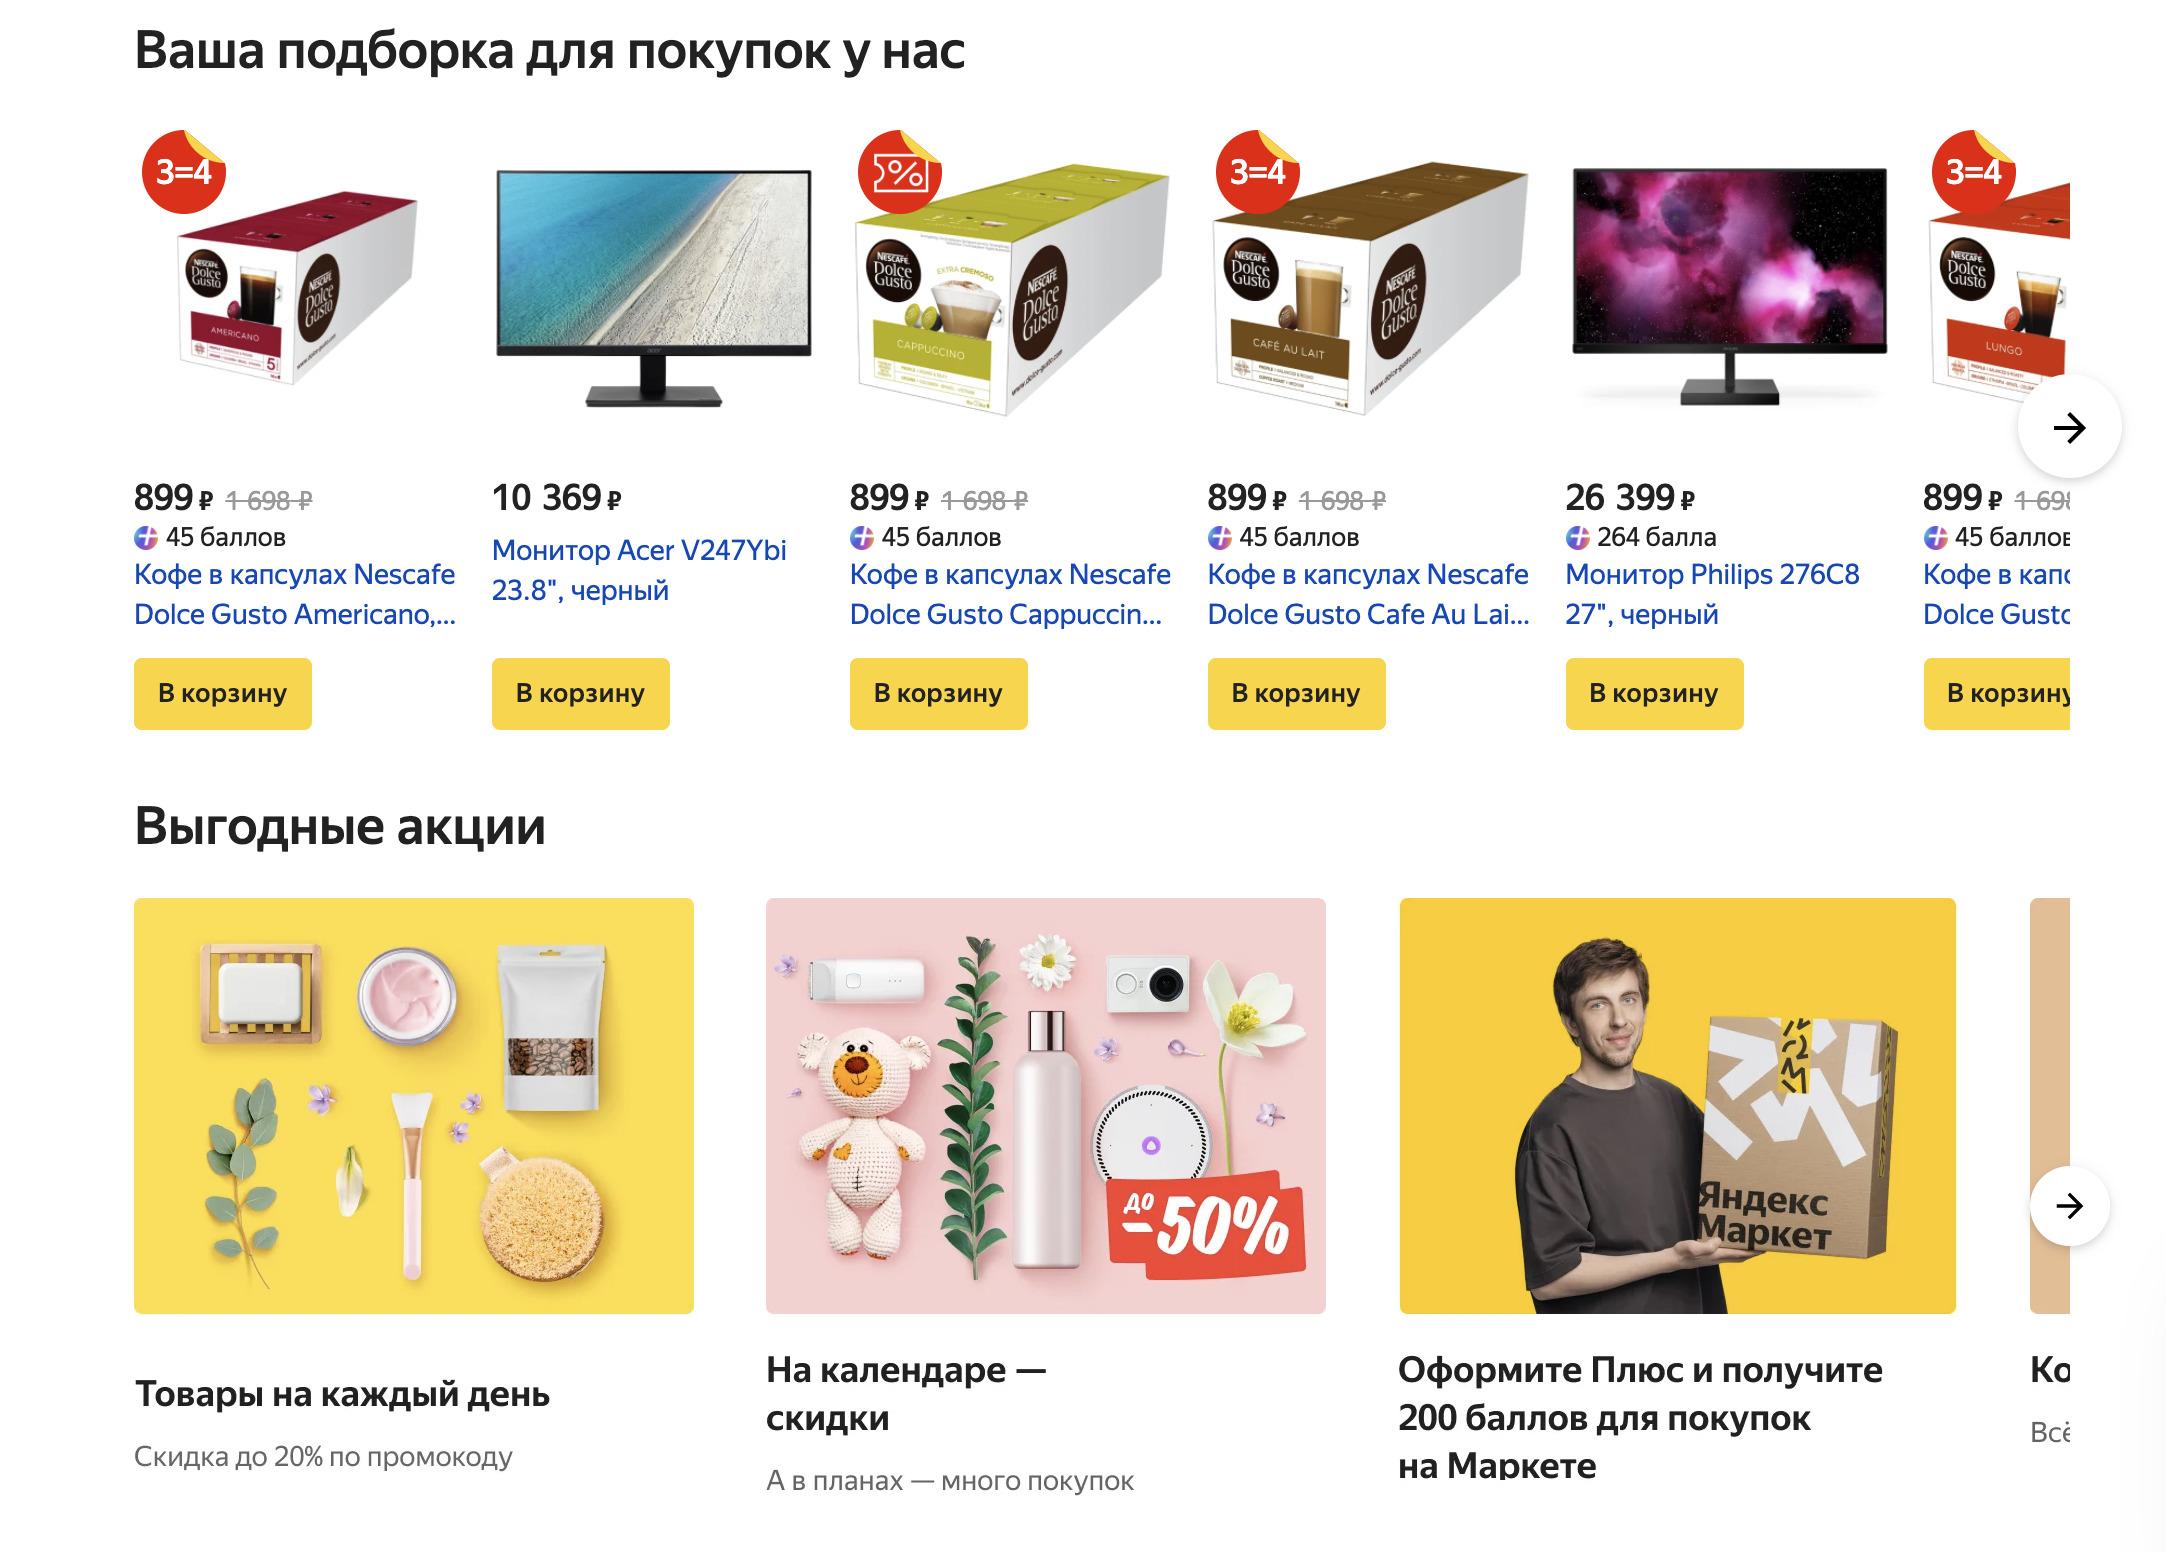 Доставка из Яндекс.Маркет в Ногинск, сроки, пункты выдачи, каталог